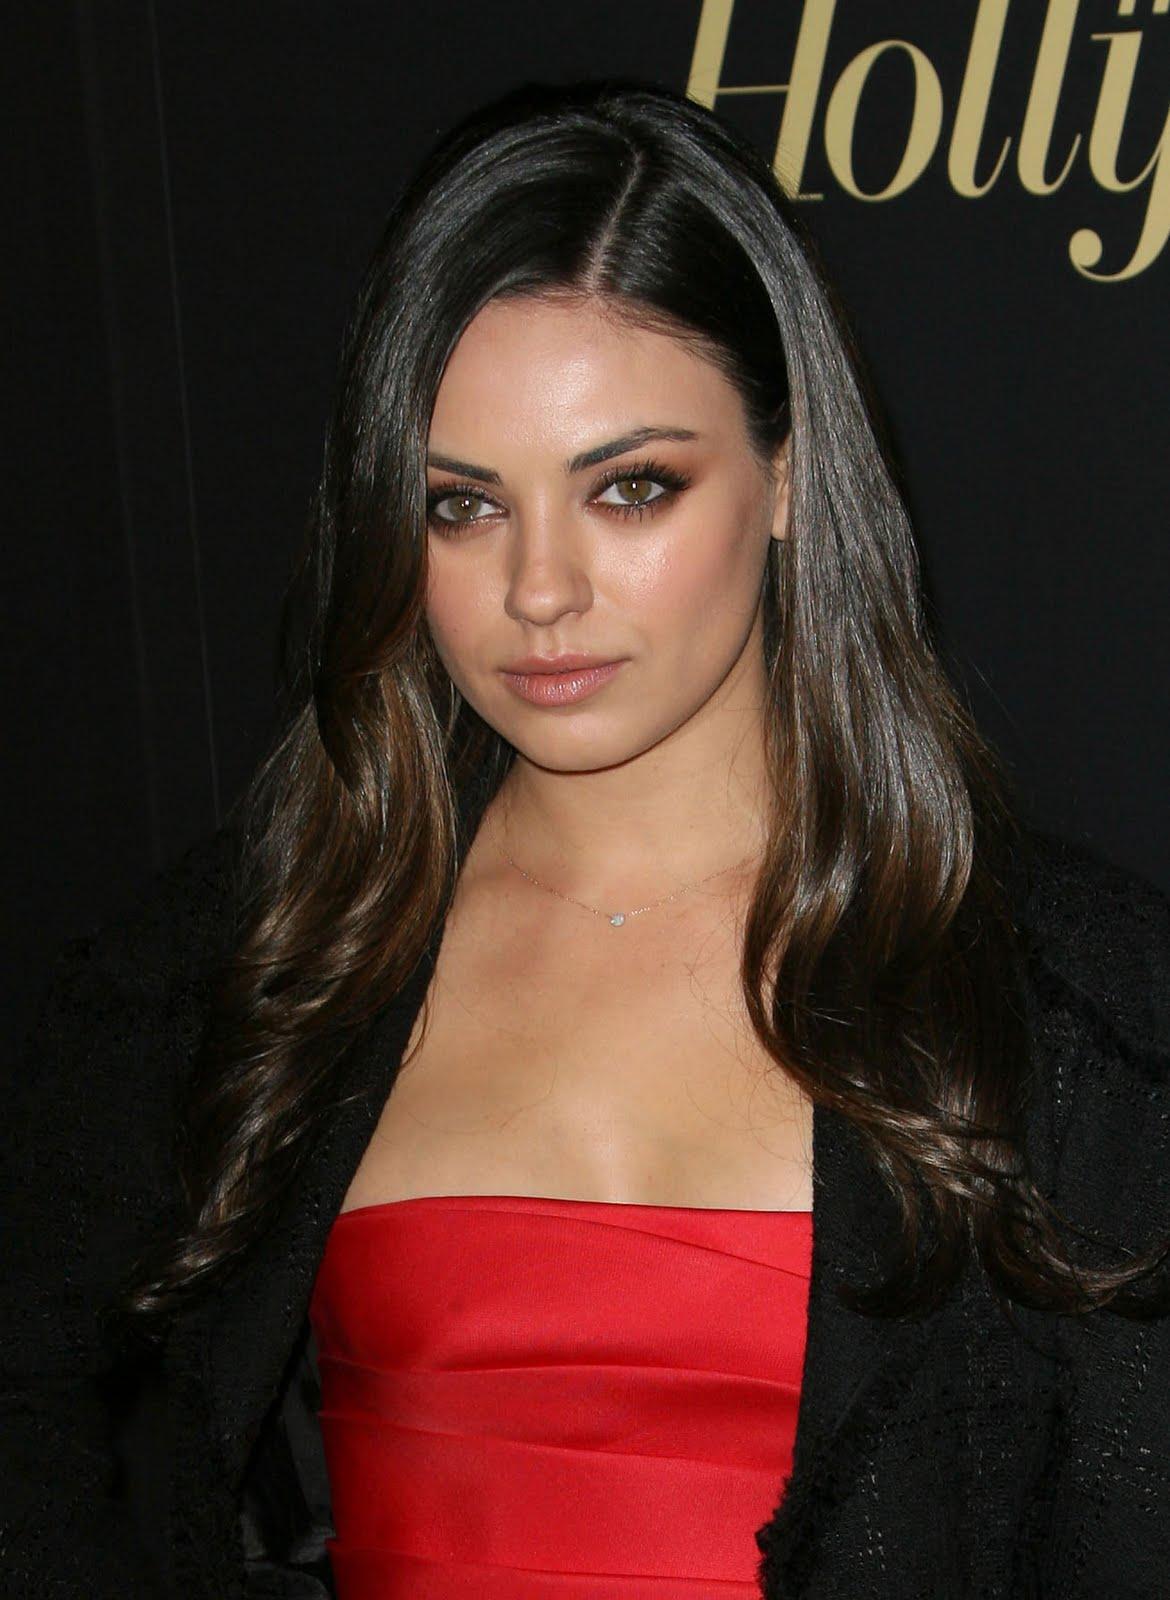 http://1.bp.blogspot.com/-hfUjqoFiqZ4/TWhMA60_BSI/AAAAAAAAARE/pYbr9qtwRG8/s1600/mila_kunis_ukrainienne_sexy_3.jpg